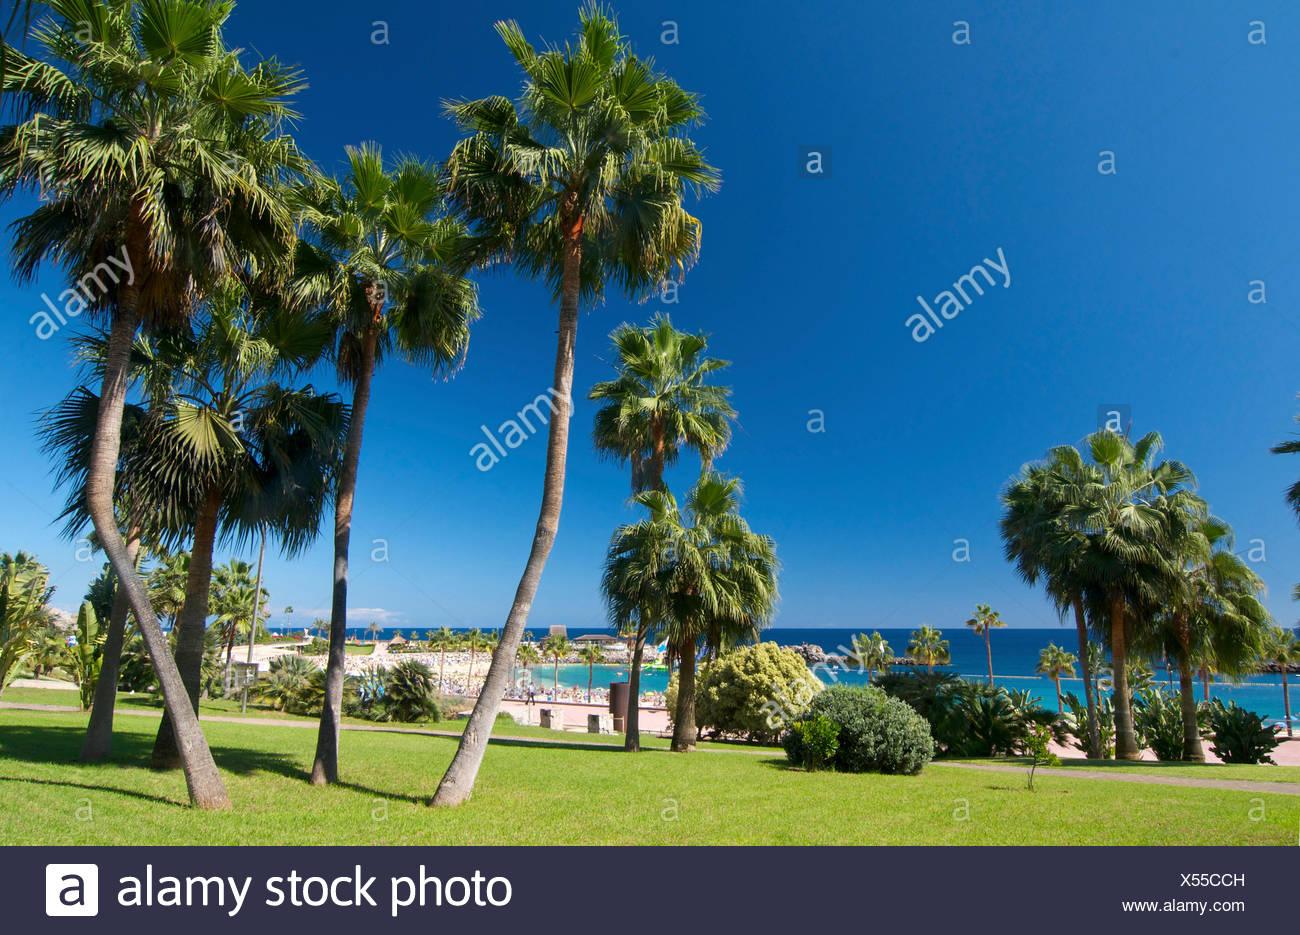 Playa Playa de Amadores en Puerto Rico, Gran Canaria, Islas Canarias, España Imagen De Stock